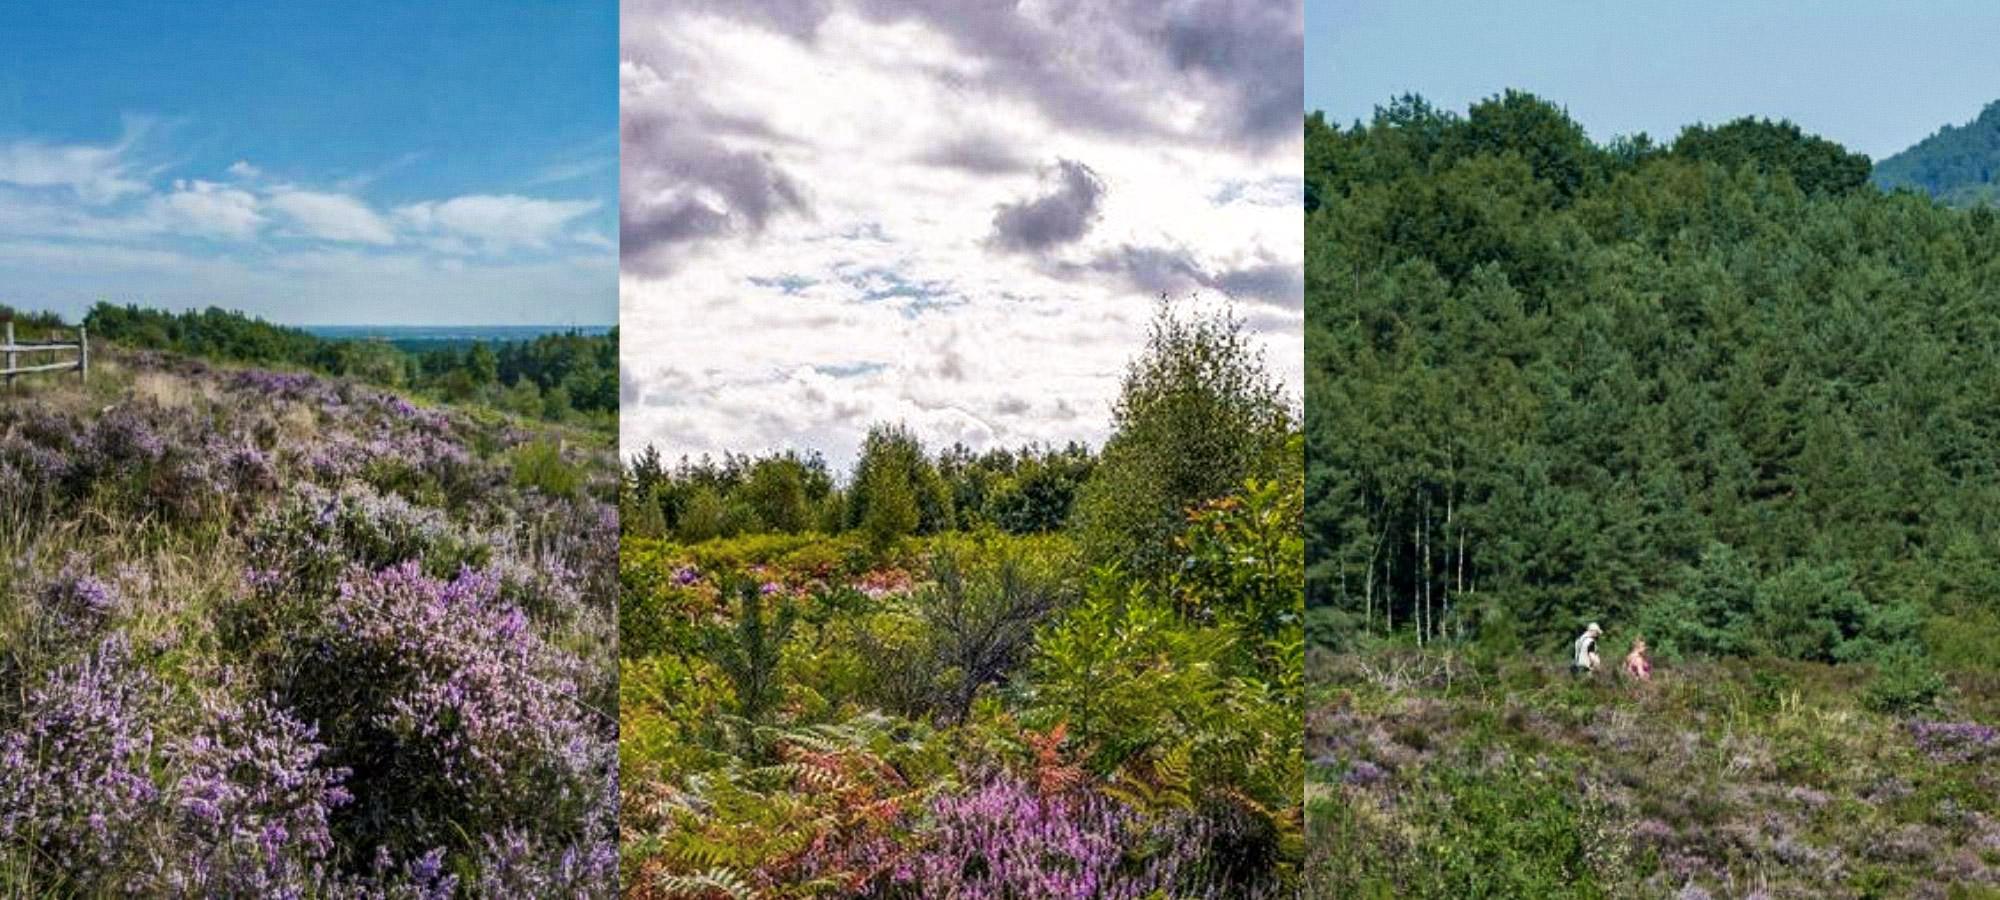 Woodlands and heathland in Mechelse, Belgium